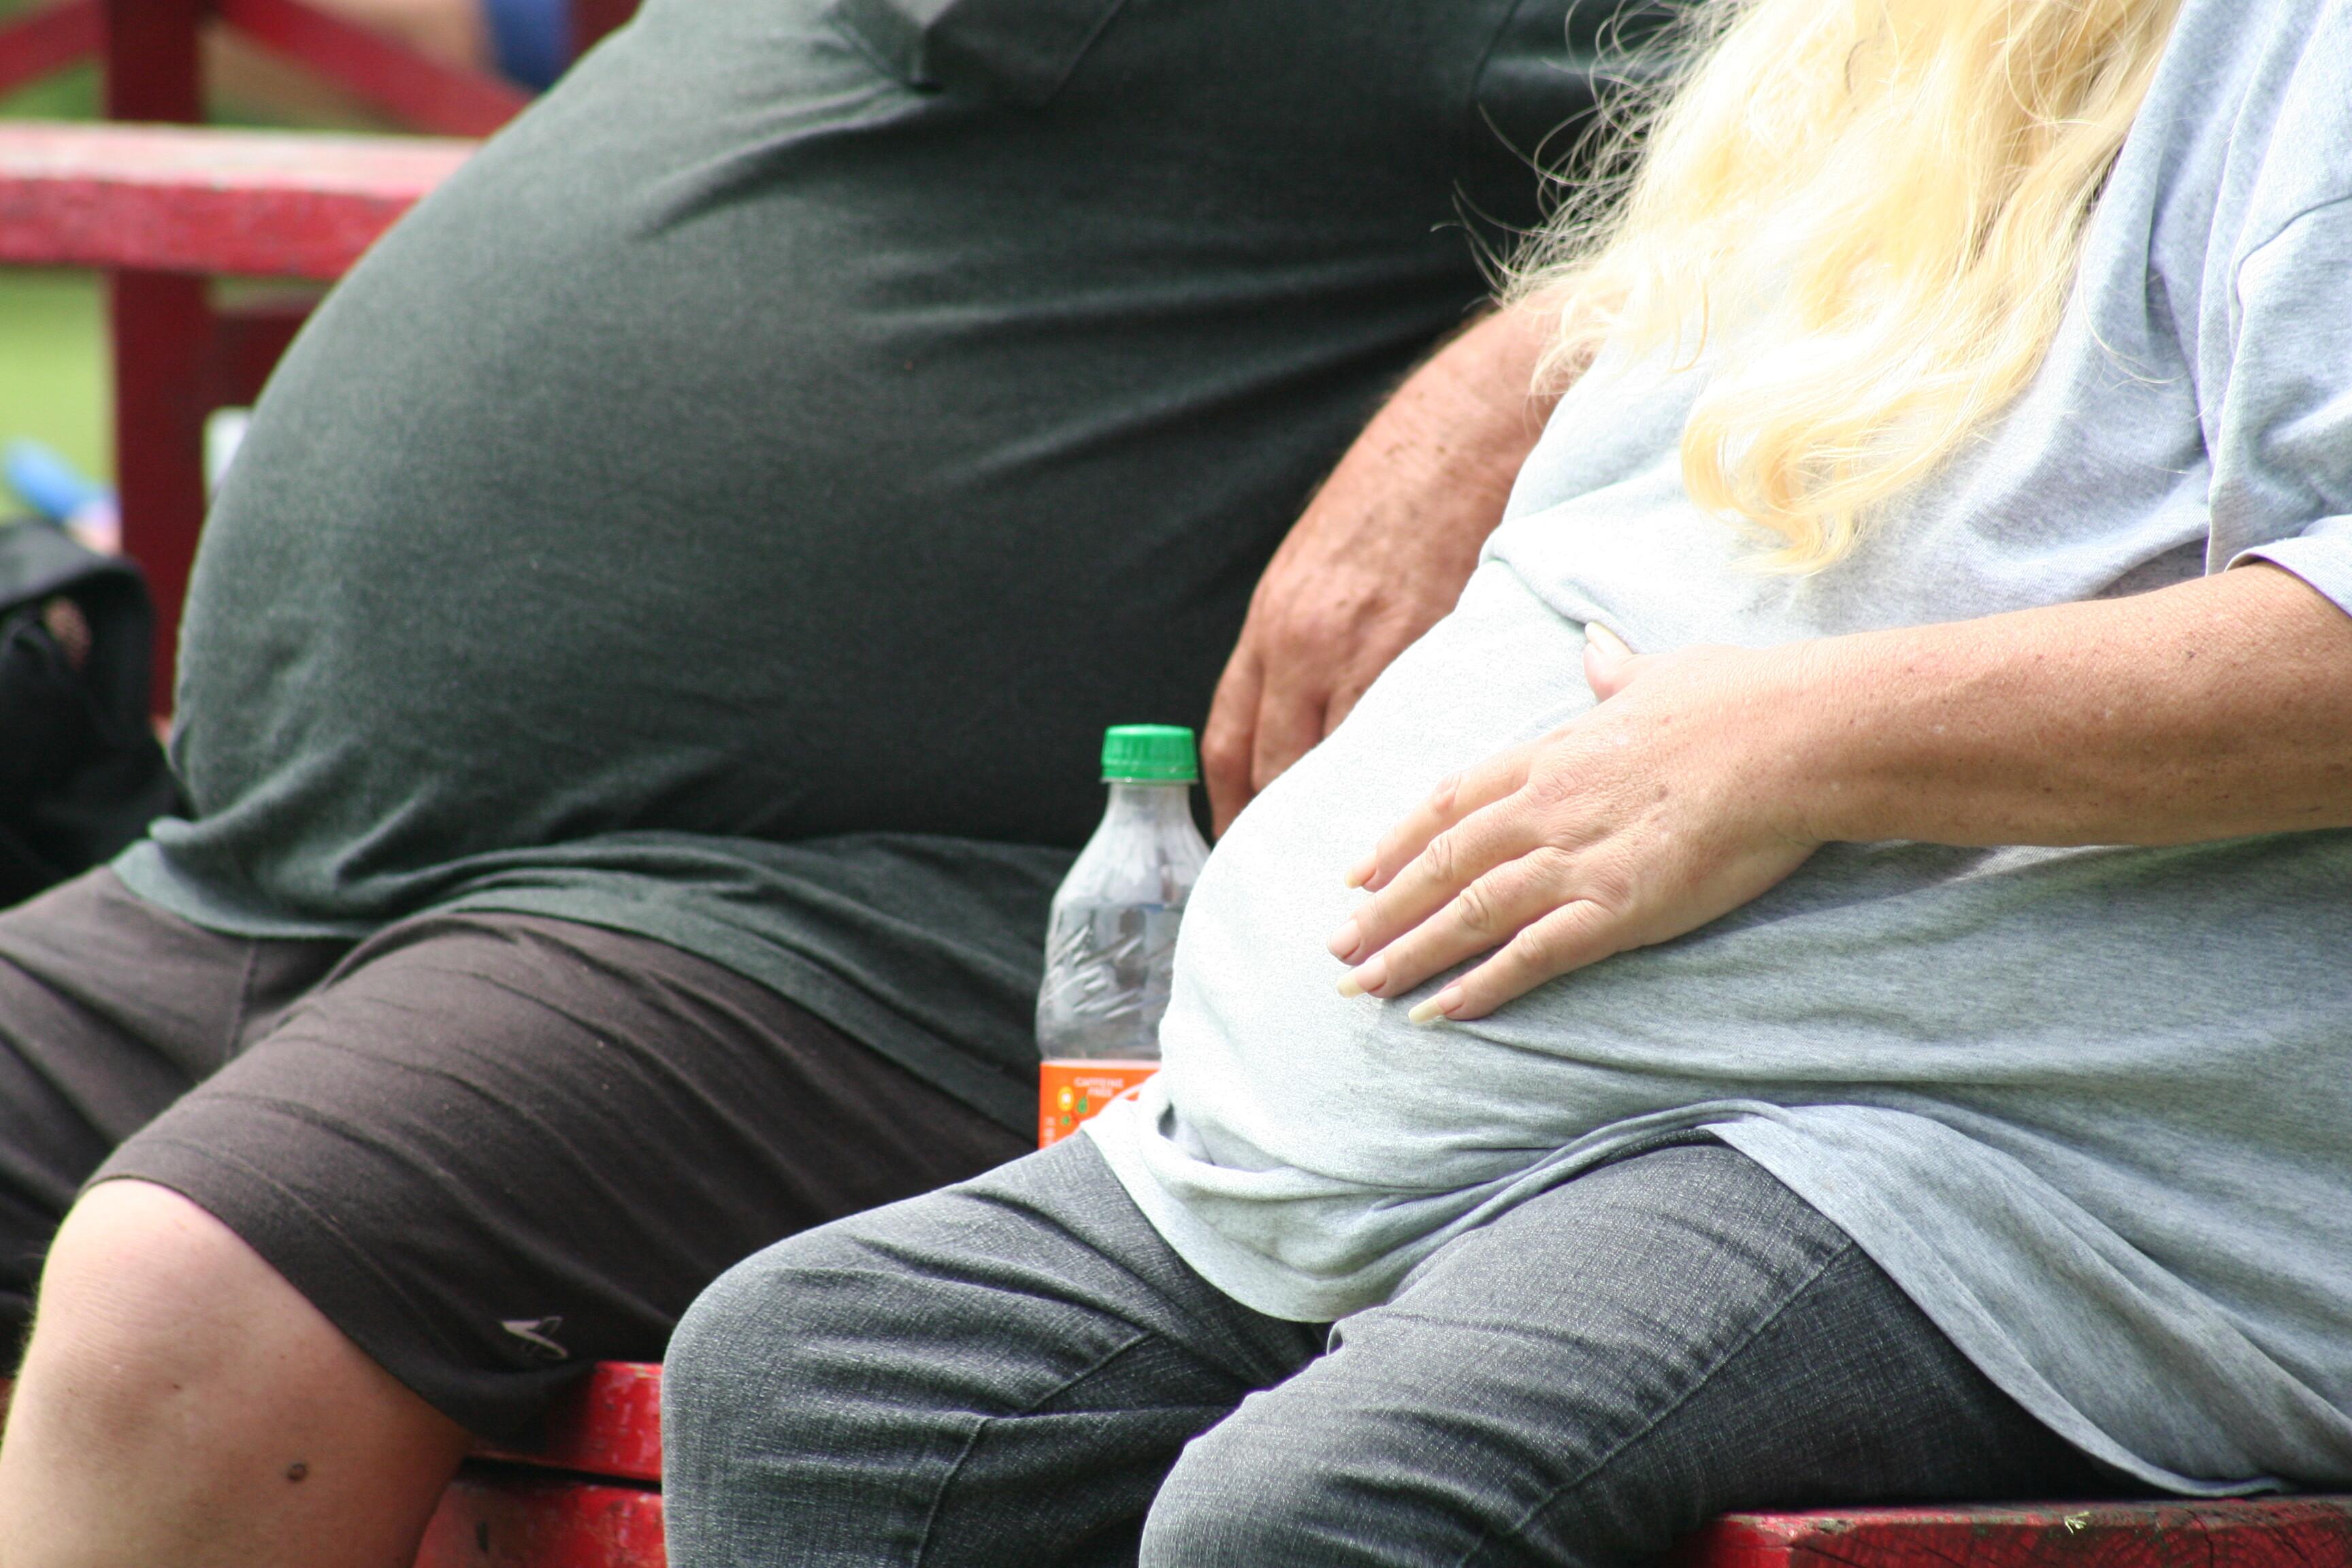 Die aktuelle Studie ergab, dass die Ehe Übergewicht begünstigte. © Tony Alter / flickr Creative Commons